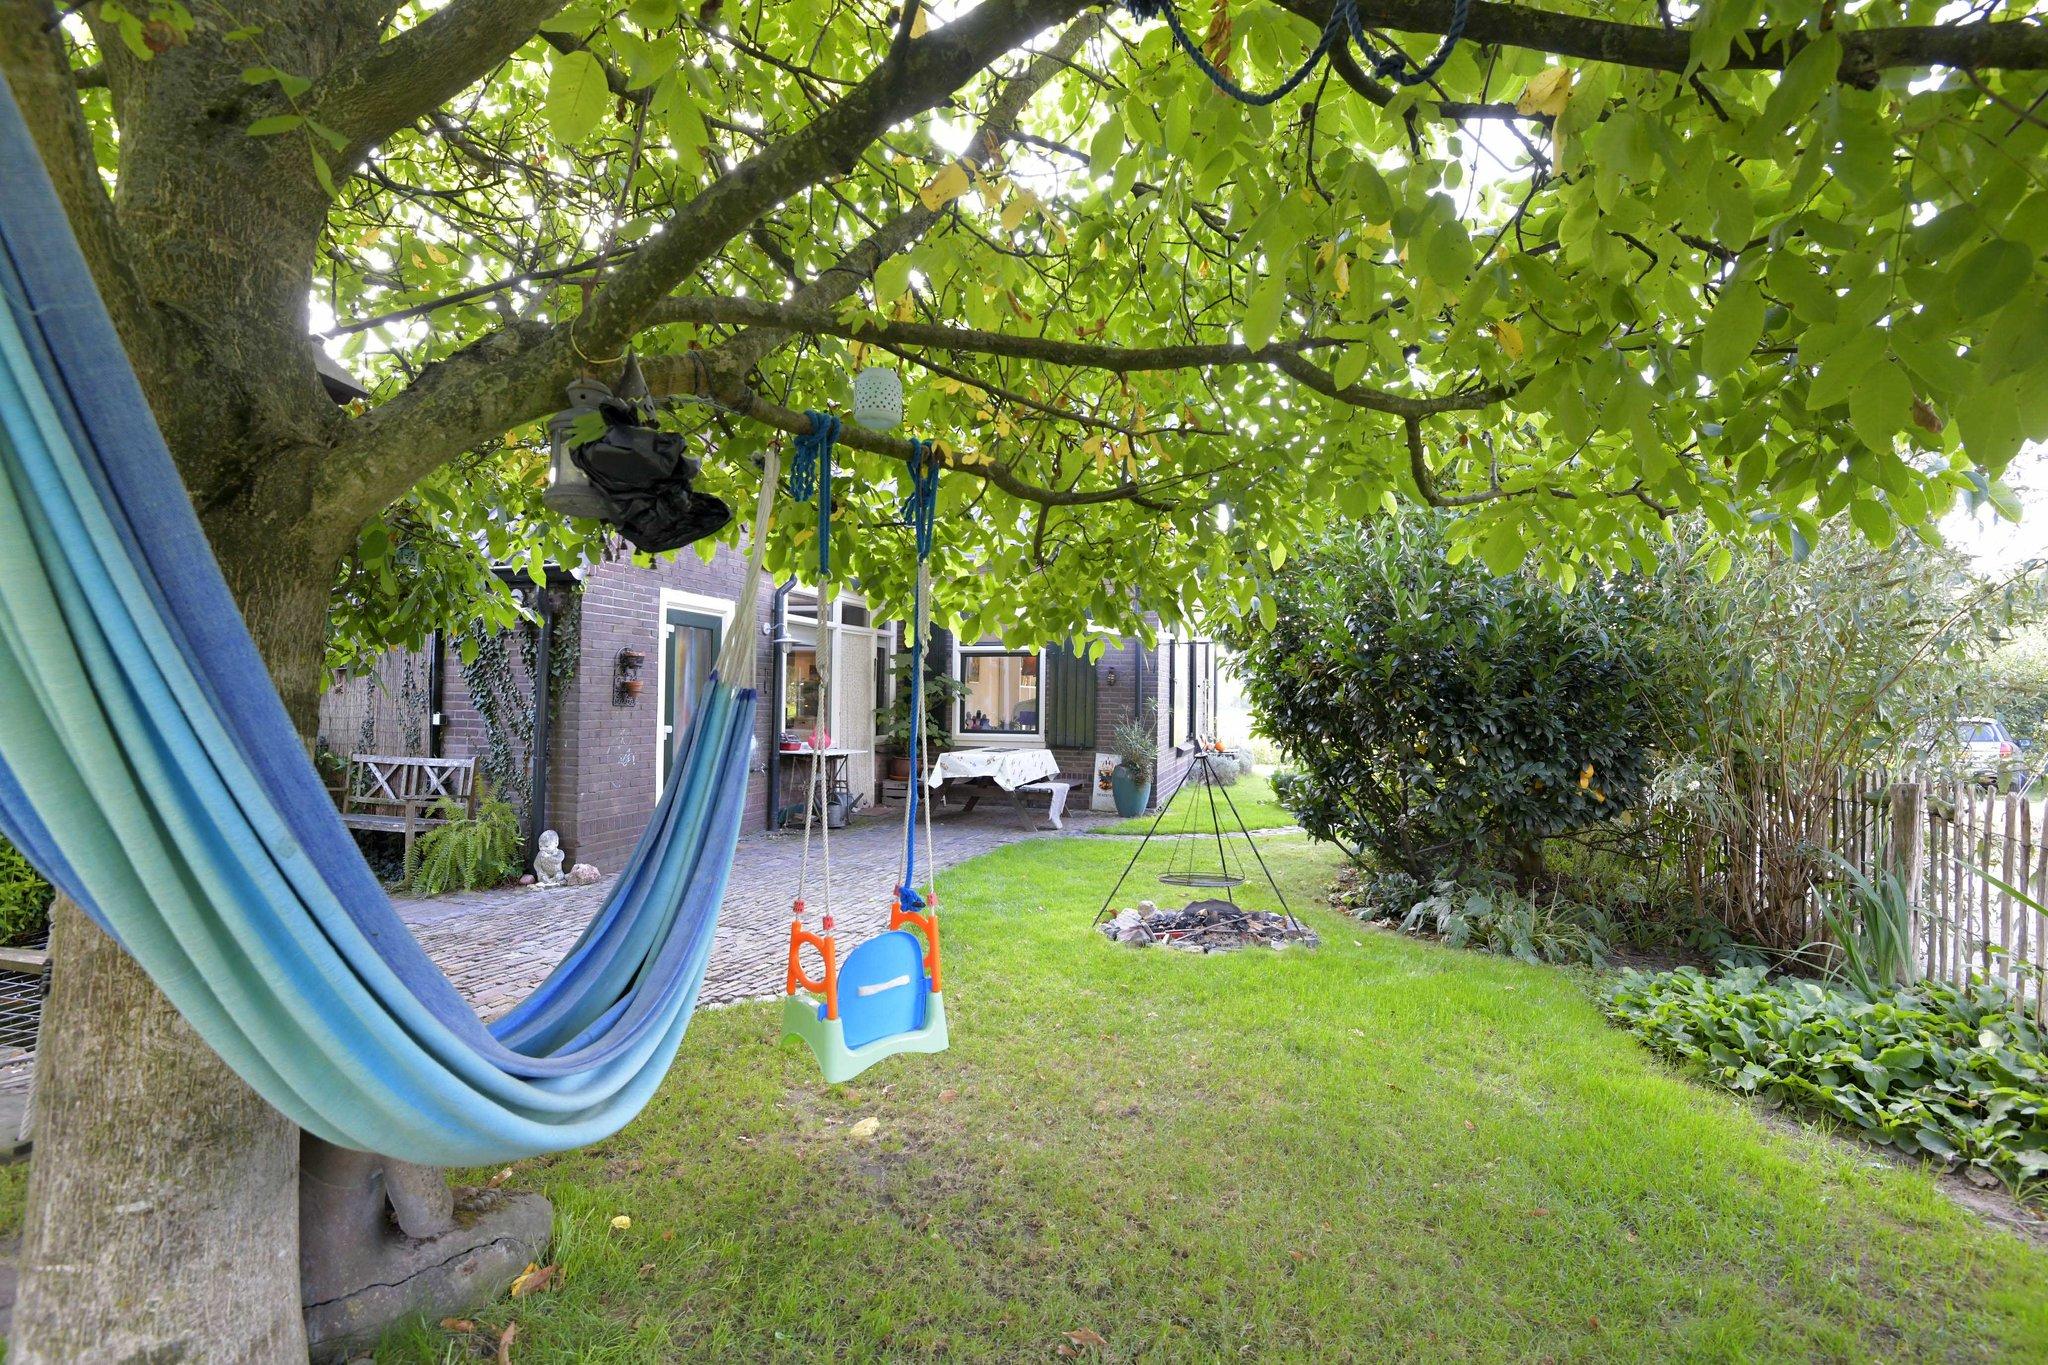 gorssel-gorsselse-enkweg-4154865-foto-46.jpg